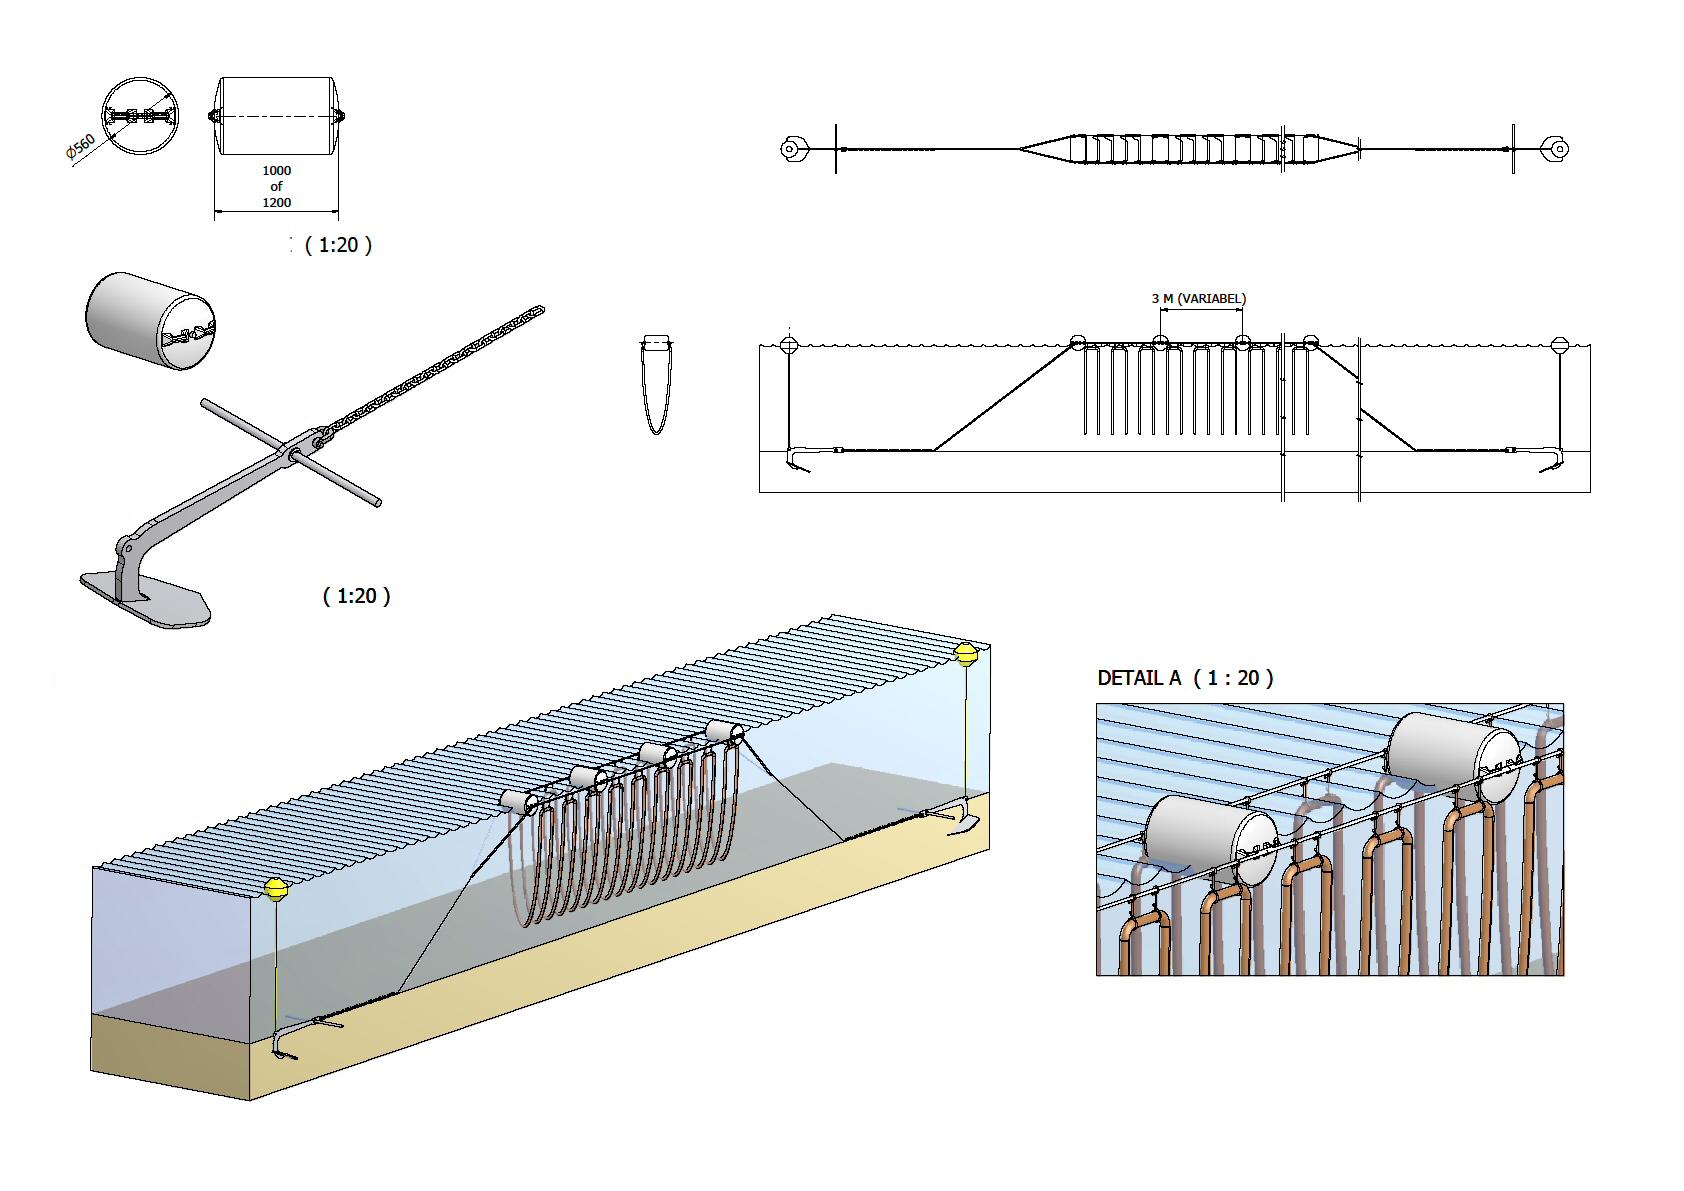 Ritning på en mussel/ostron odling / Ritning: Machinefabrik Bakker BV